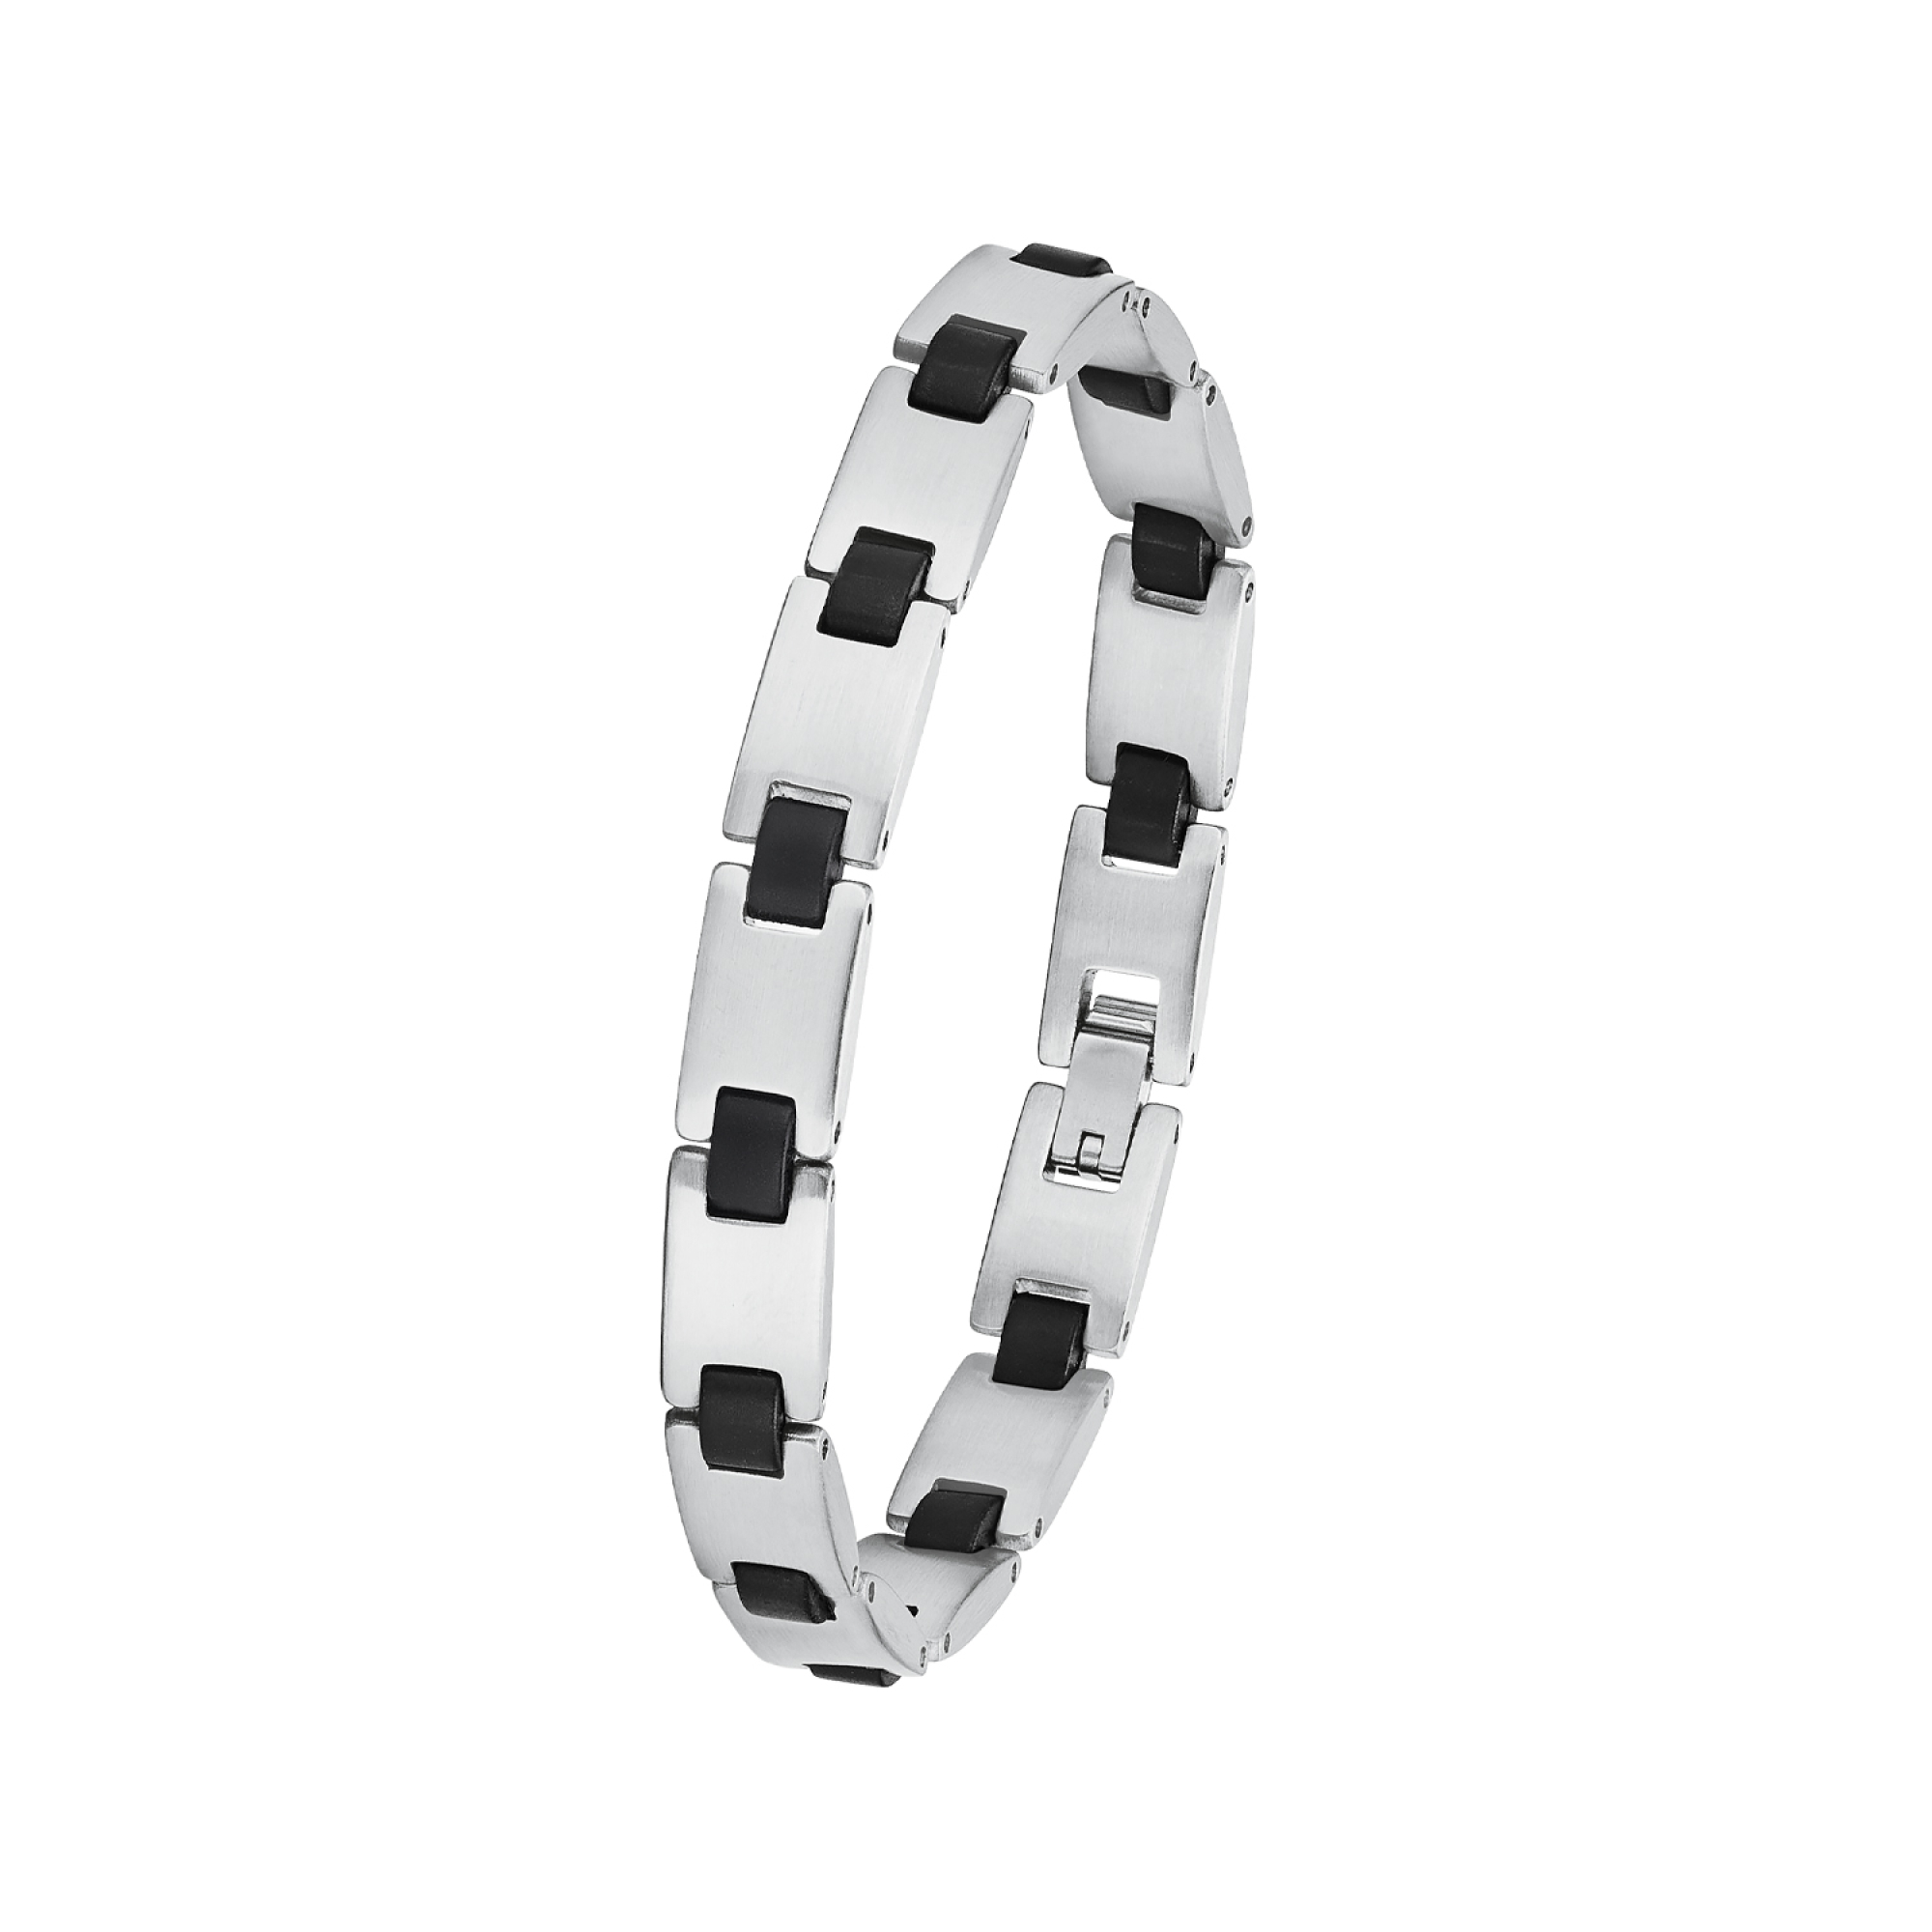 Armband für Herren, Edelstahl mit Kautschuk, 21 cm